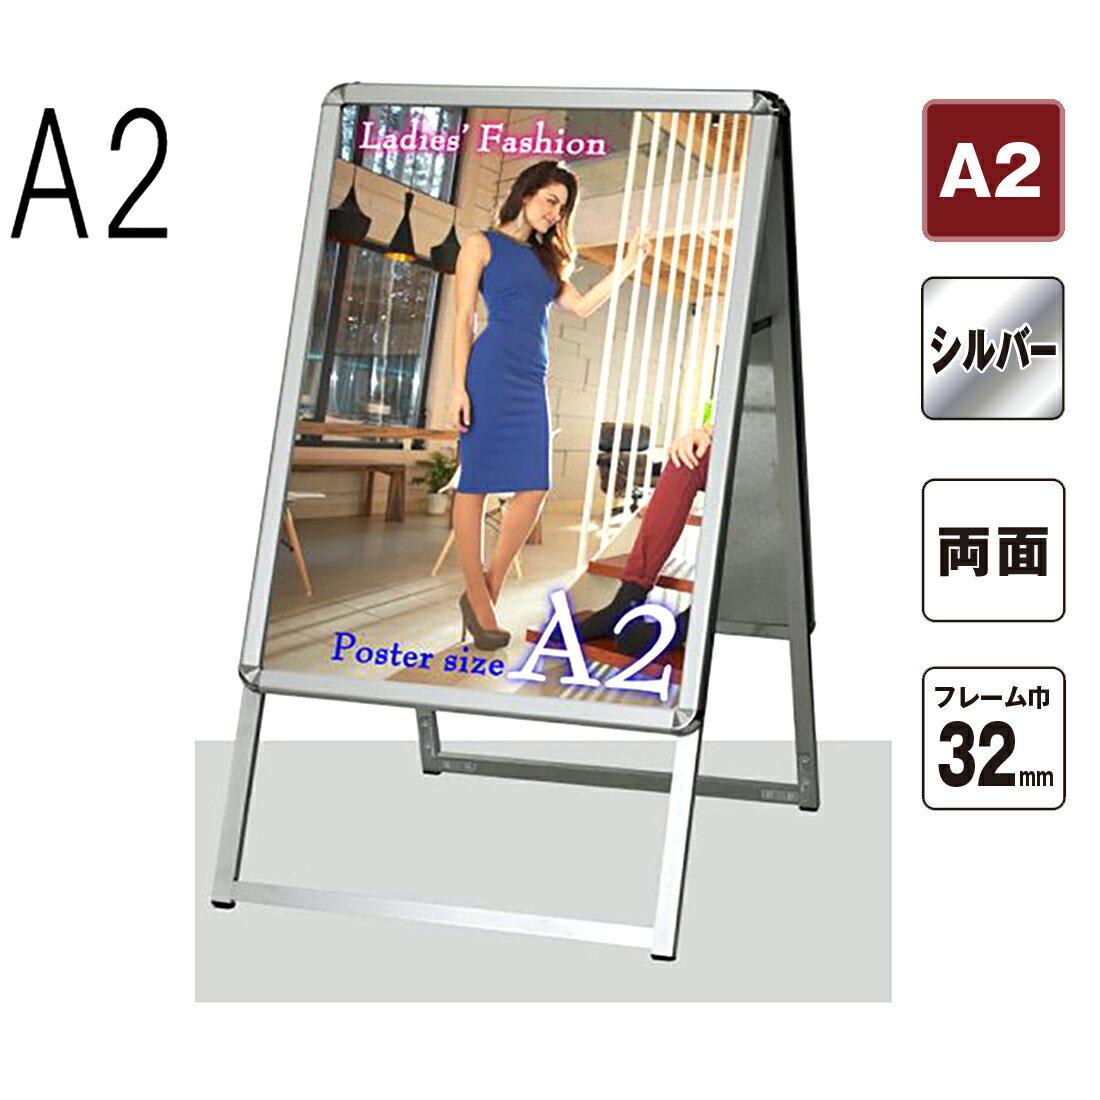 ポスターパネルスタンドA2両面シルバー 32mm幅 【送料無料】A型看板 アルミ 屋内外兼用 ポスターフレームスタンド 立て看板 スタンド看板 【送料無料】